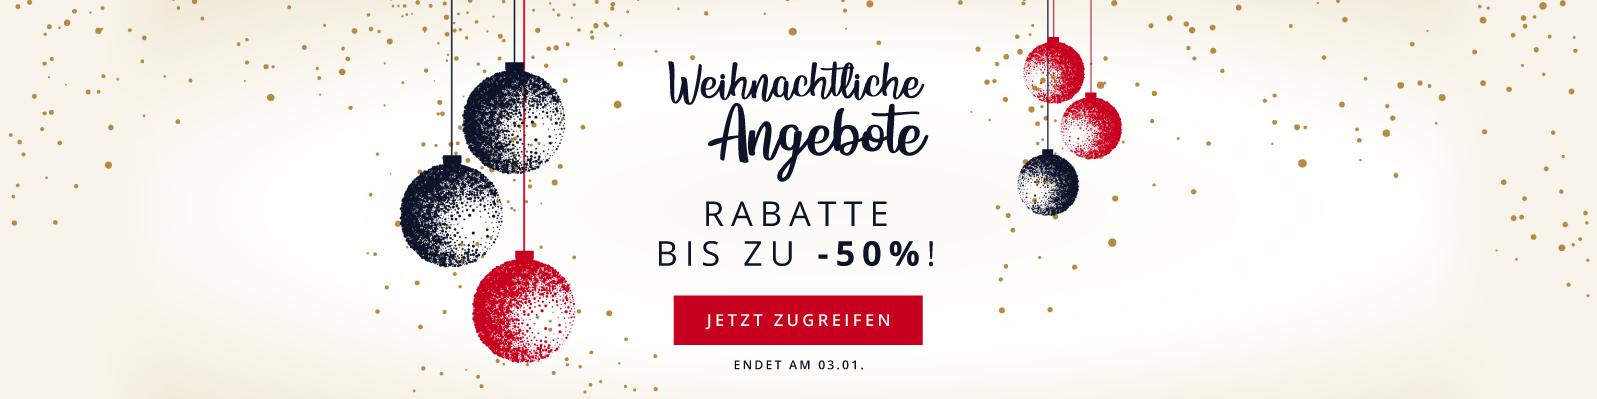 Weihnachtliche Angebote Rabatte bis zu -50%! Jetzt zugreifen Endet am 03.01.